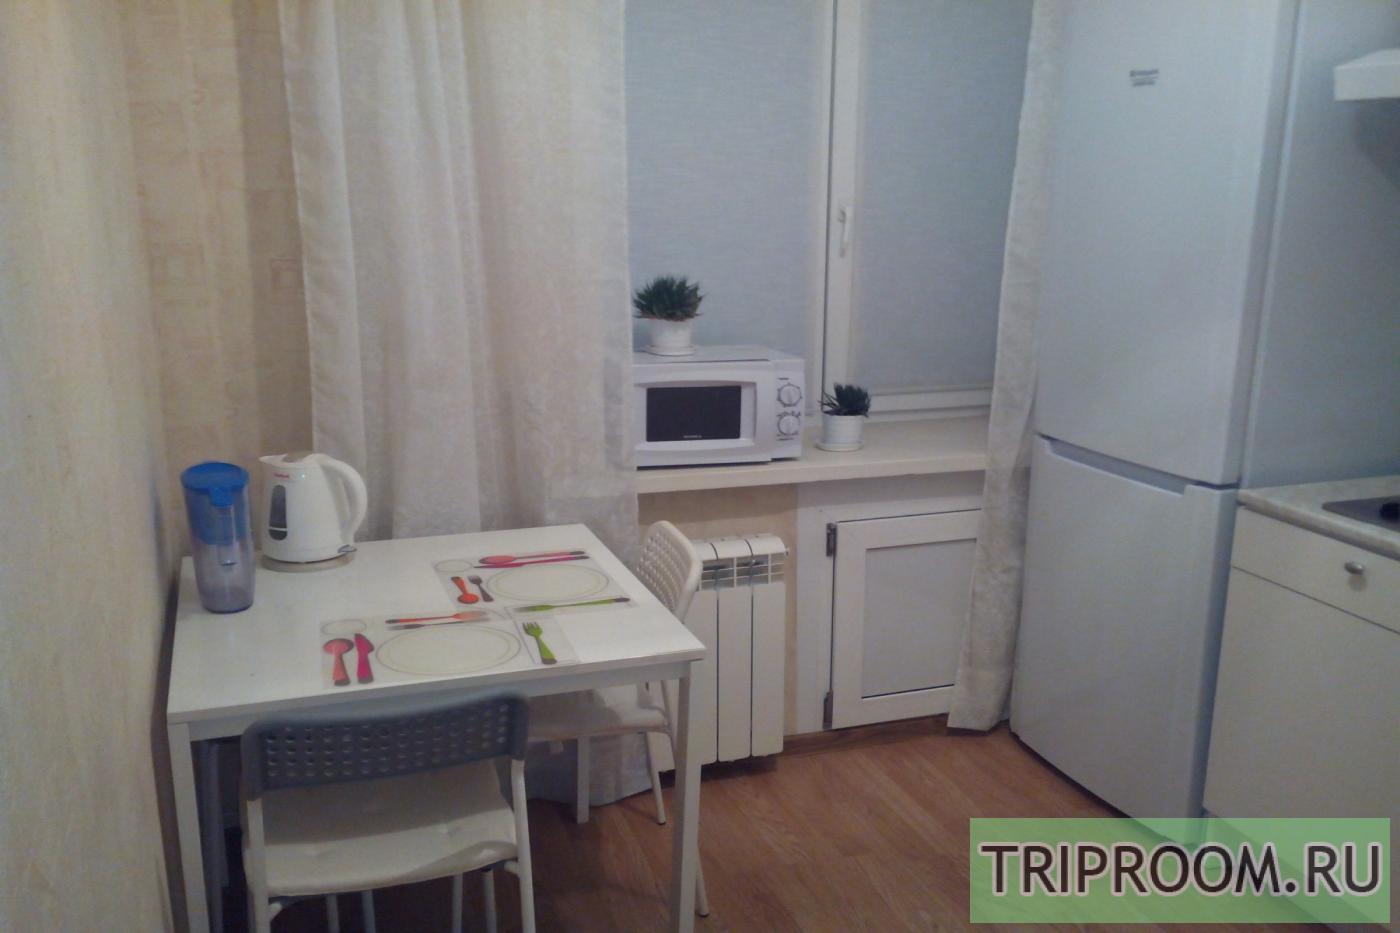 1-комнатная квартира посуточно (вариант № 5966), ул. Гоголя улица, фото № 28